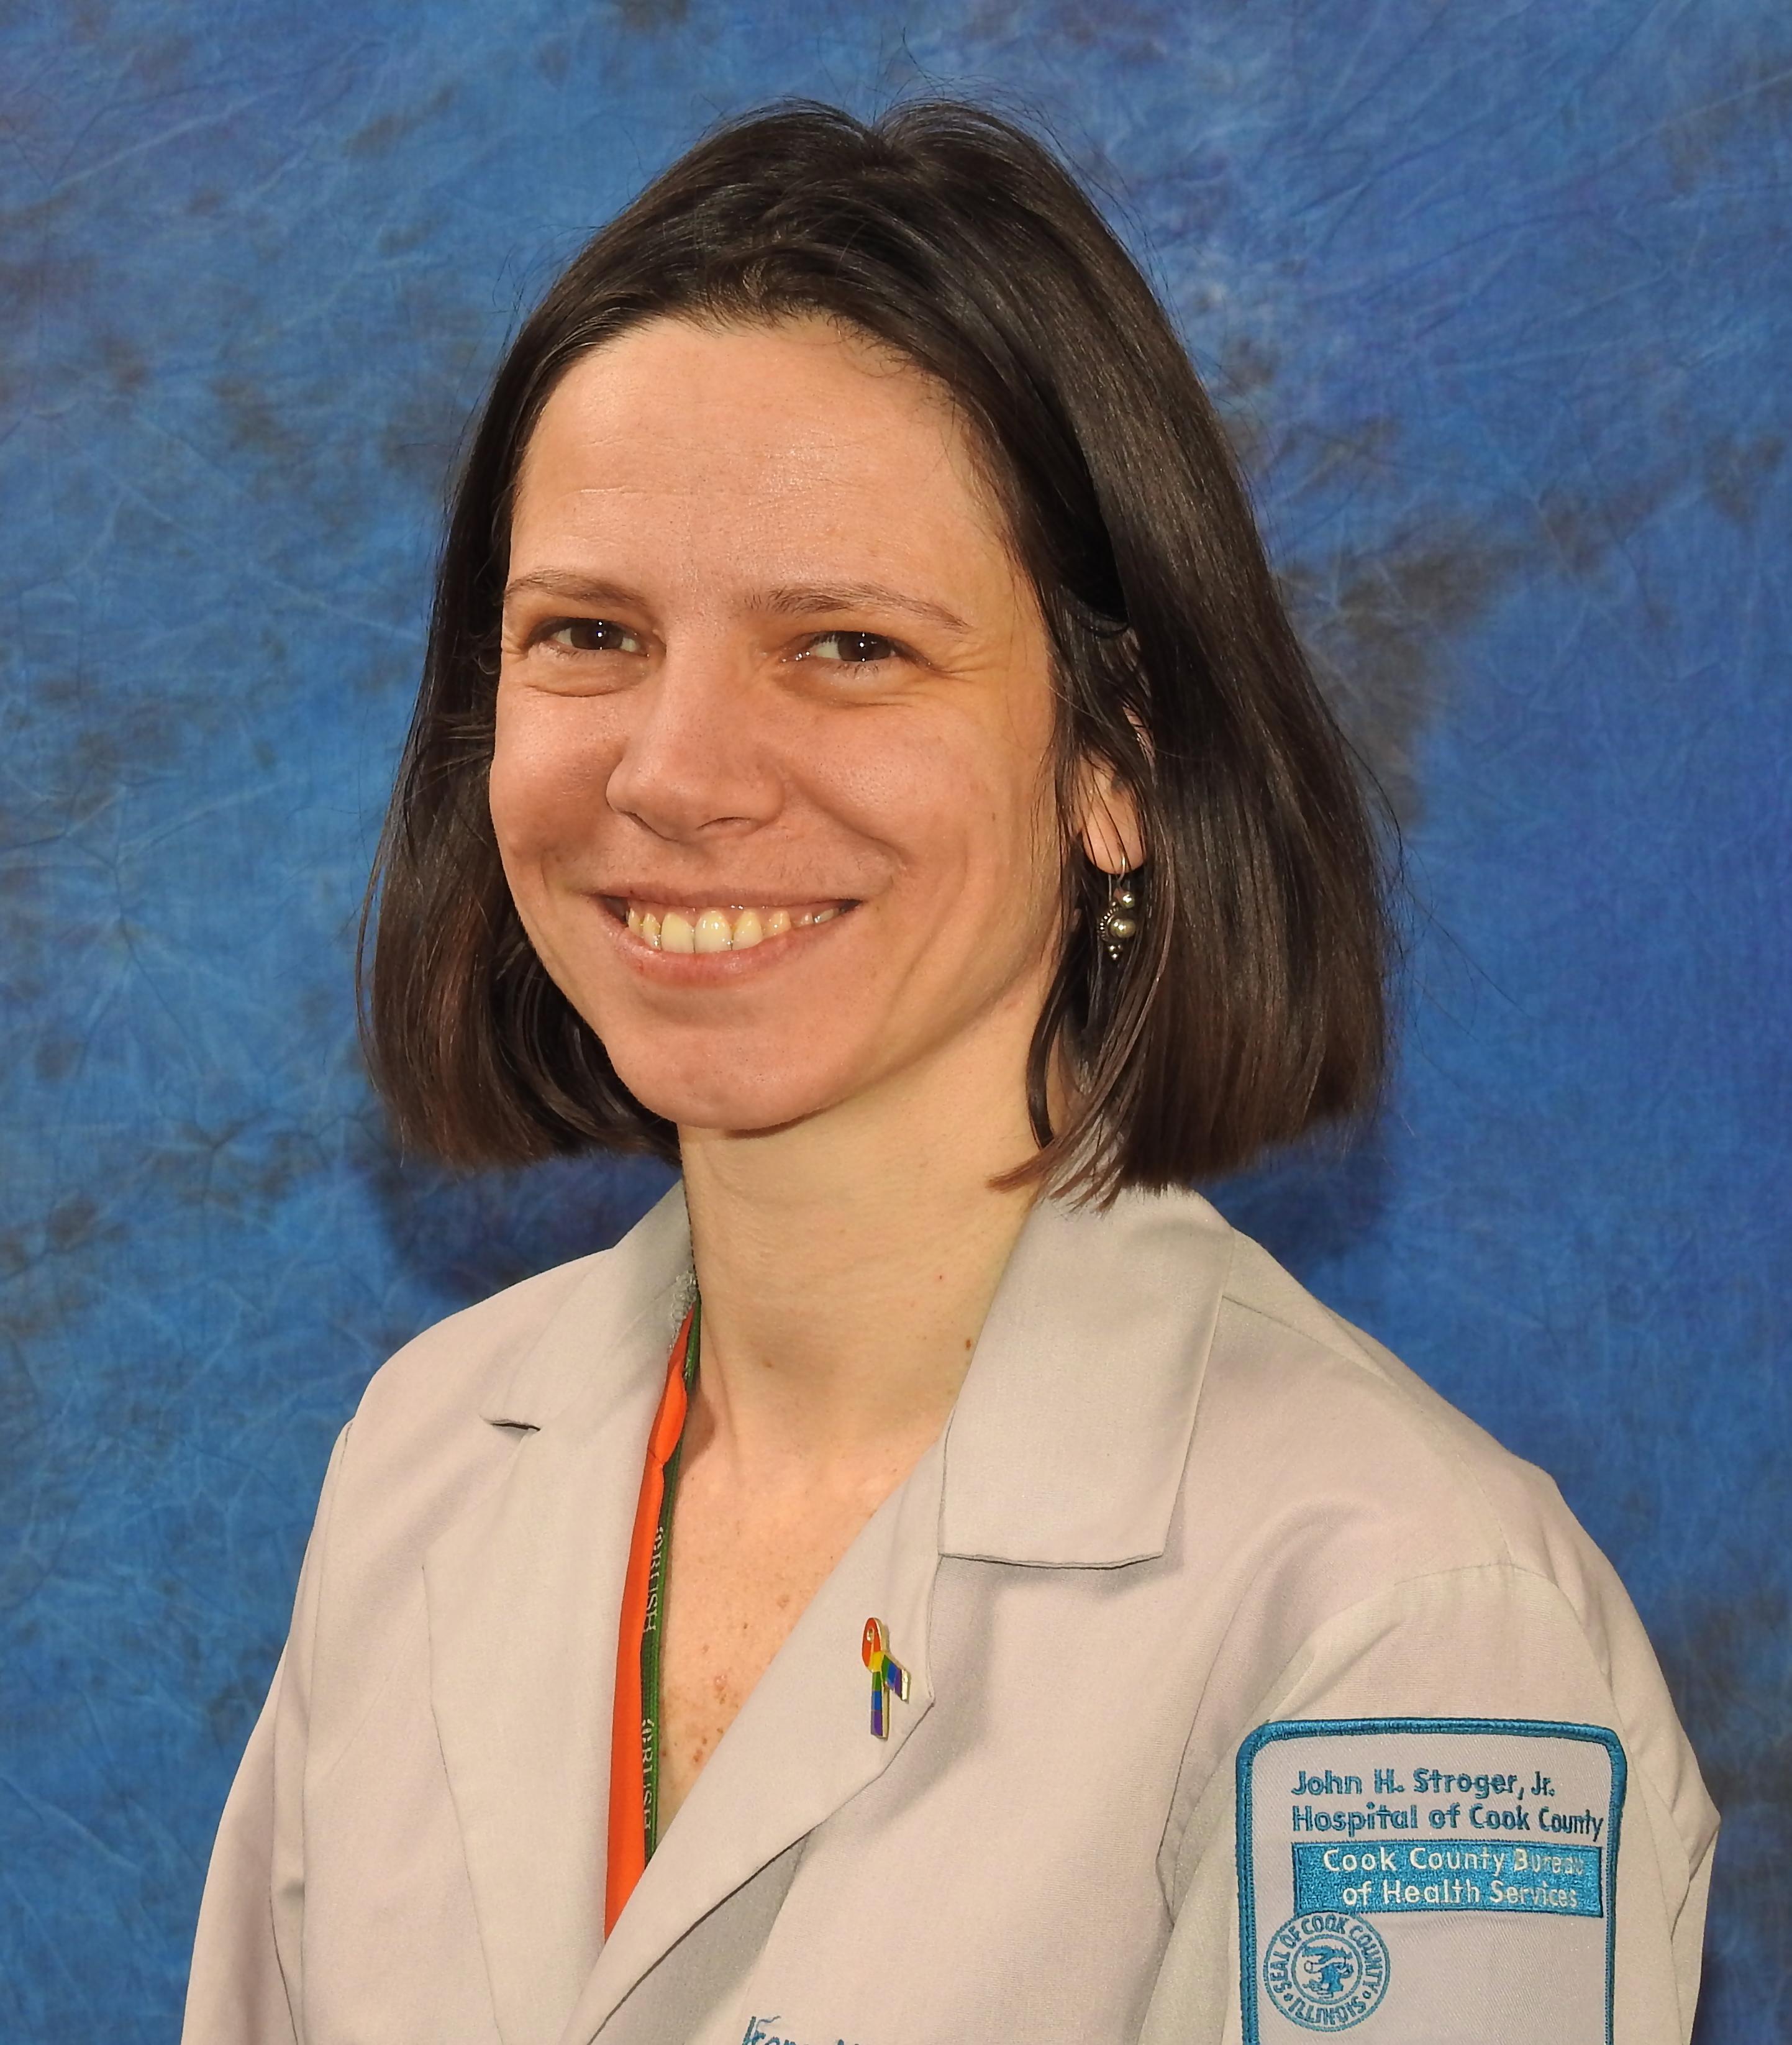 Irene Aluen Metzner, MD